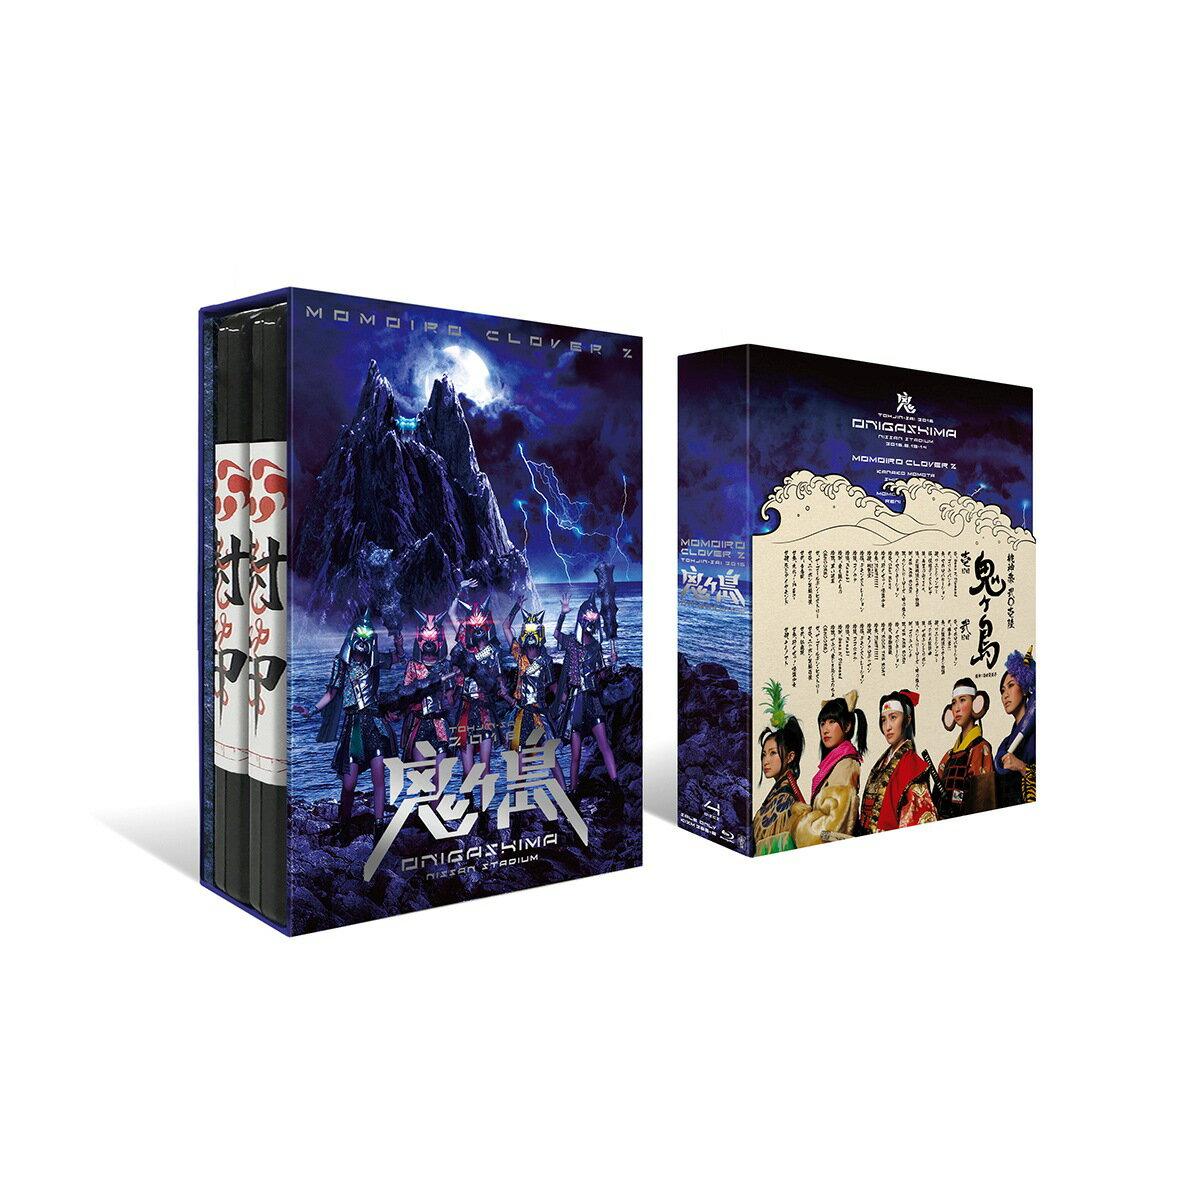 ももいろクローバーZ 桃神祭 2016〜鬼ヶ島〜 LIVE Blu-ray【Blu-ray】 [ ももいろクローバーZ ]